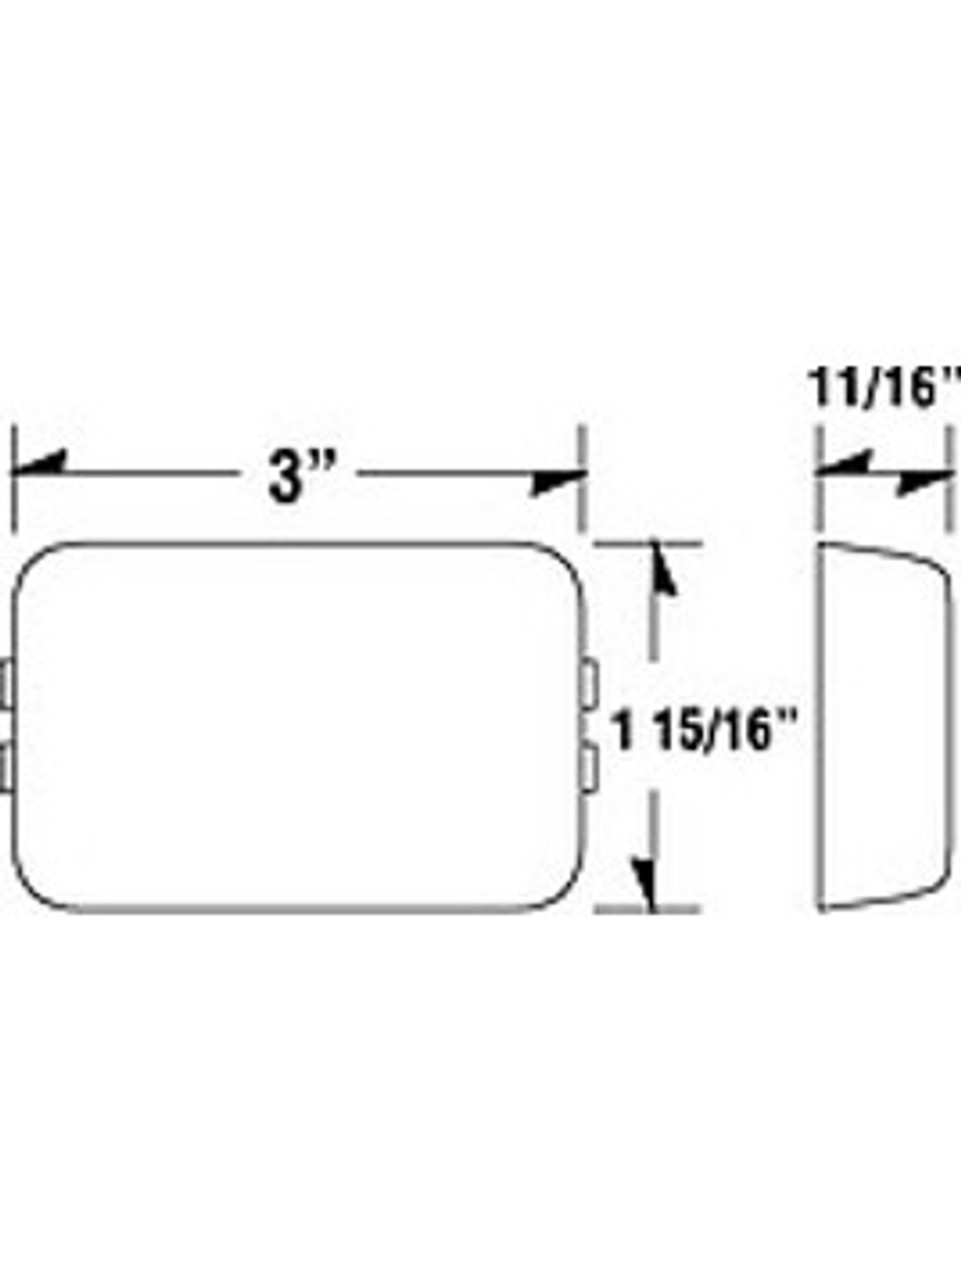 LED129KR2 --- LED Rectangular Sealed Clearance/Side Marker Light Kit - Red